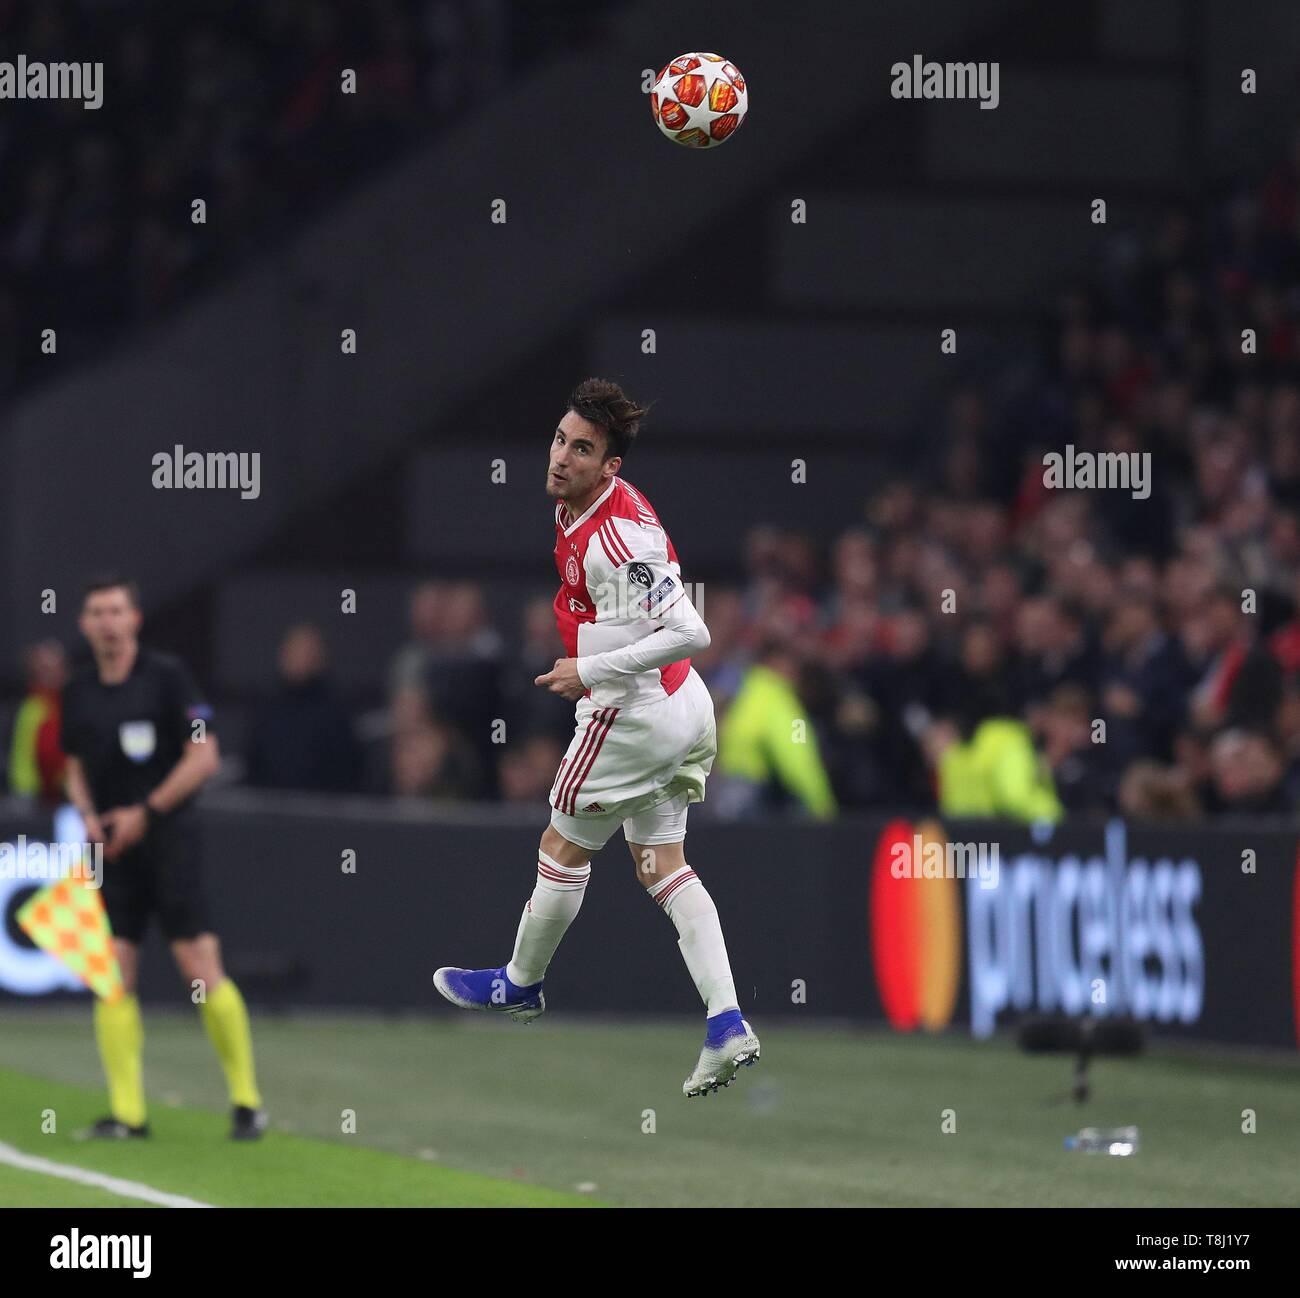 Tottenham Vs Ajax Semi Final: Nicolas Tagliafico Stock Photos & Nicolas Tagliafico Stock